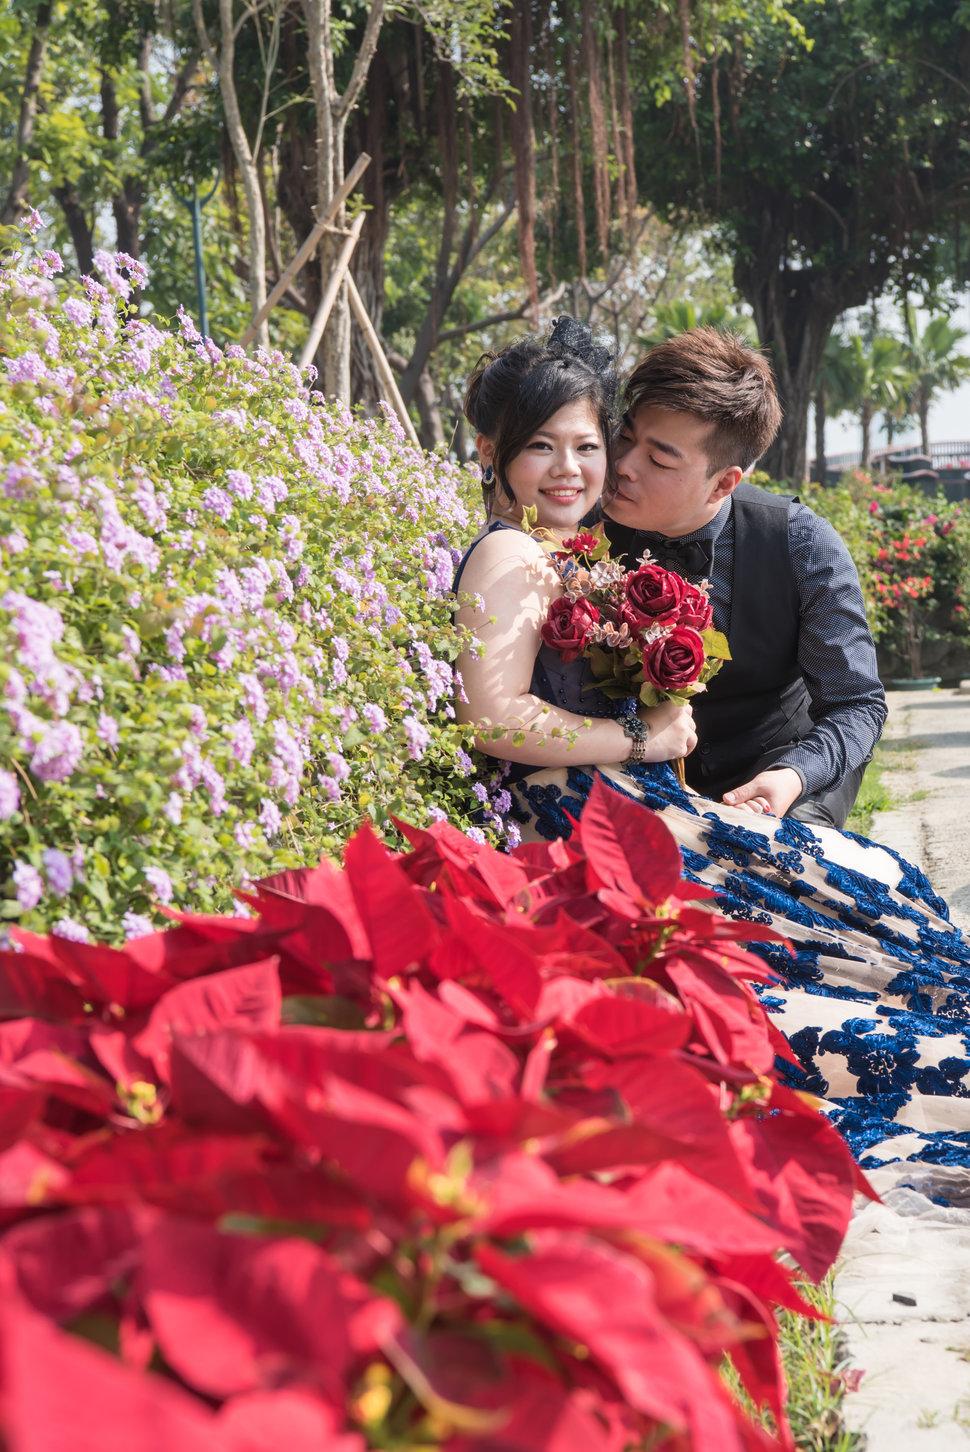 _DSC3206 - 高雄潘朵拉婚紗攝影工作室《結婚吧》